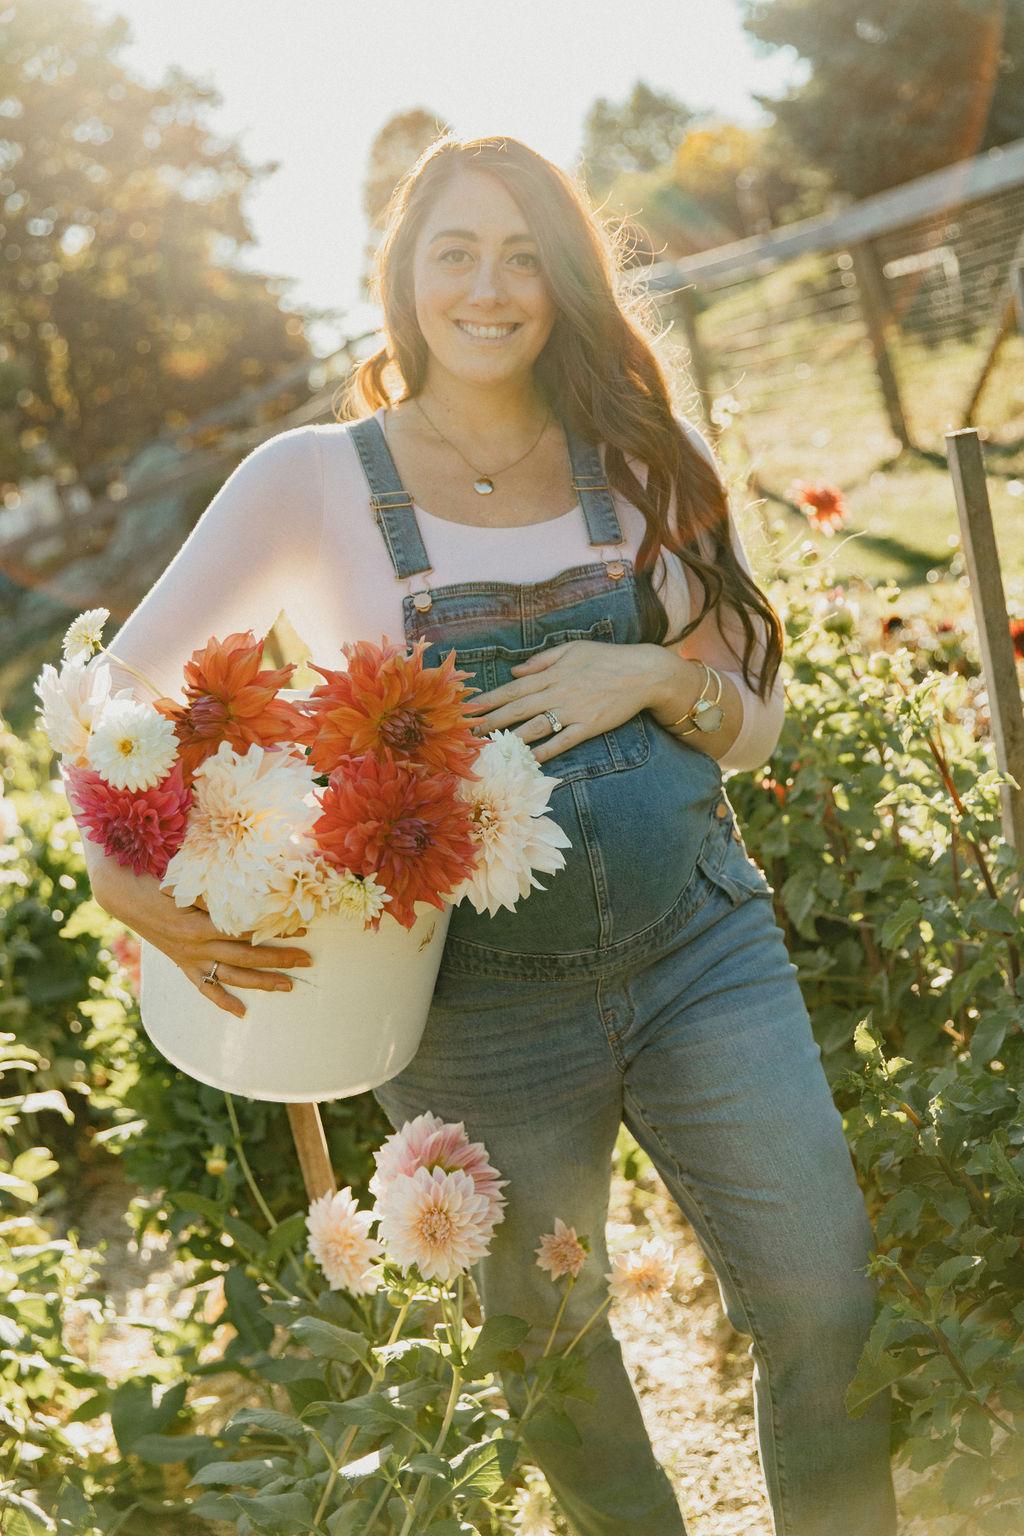 Christine Covino, Experience gardener, doing her spring gardening tasks